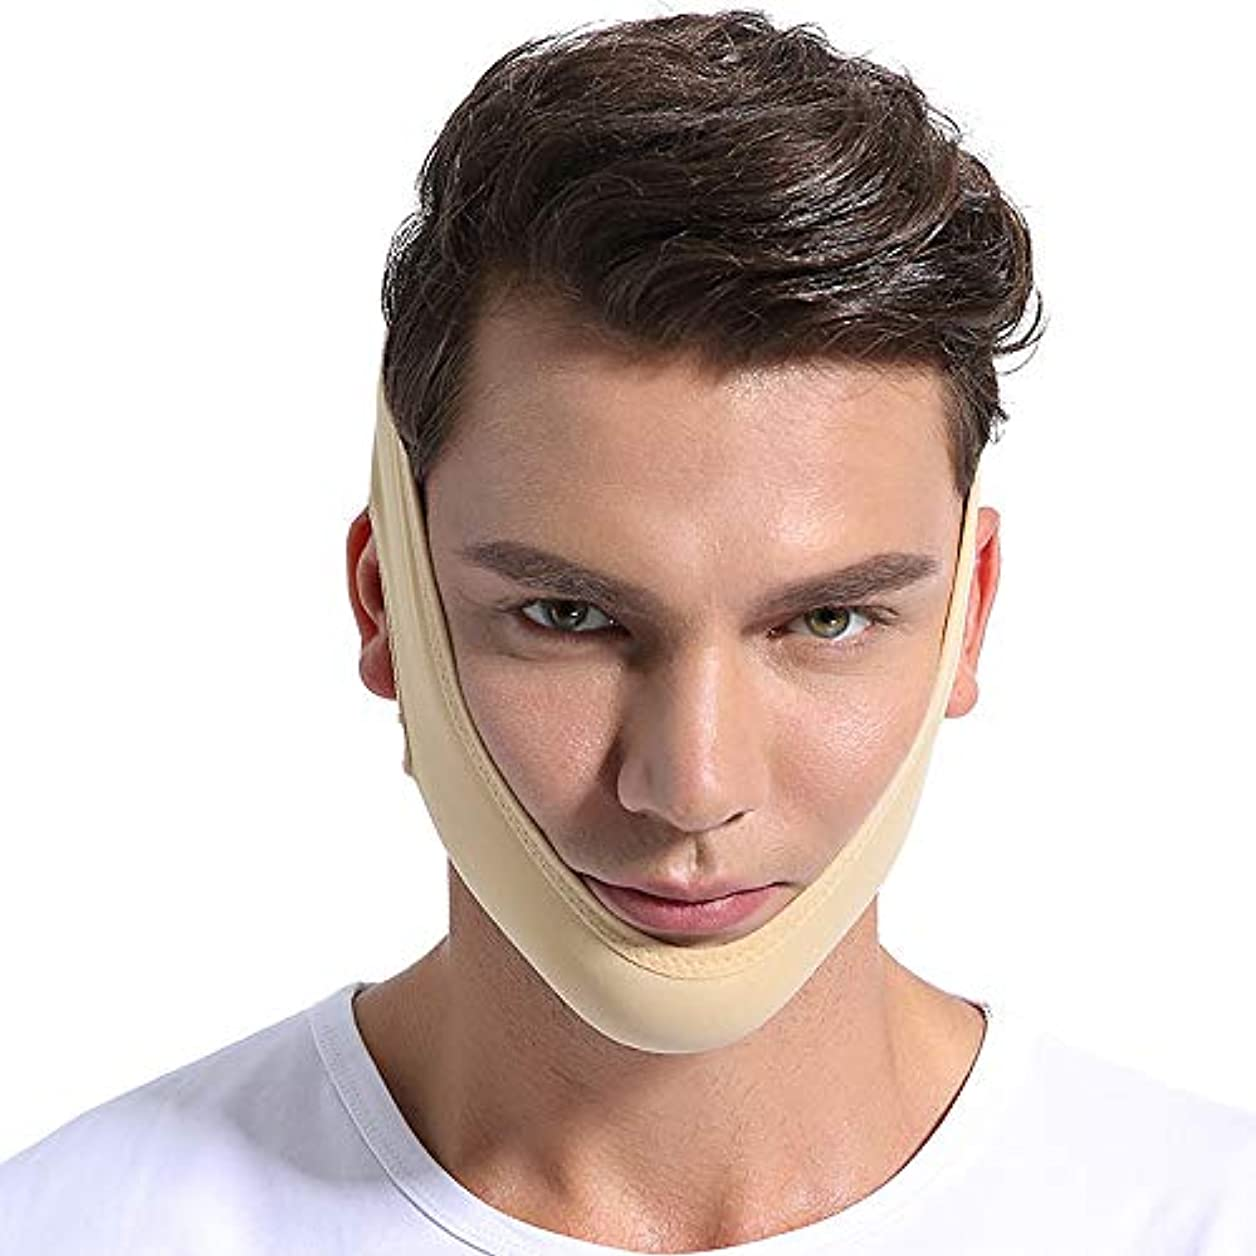 肯定的潜む夕方顔面持ち上げ用具、Vフェイスの薄い顔の包帯顔面マッサージ器リフティングパッキングマスク,L